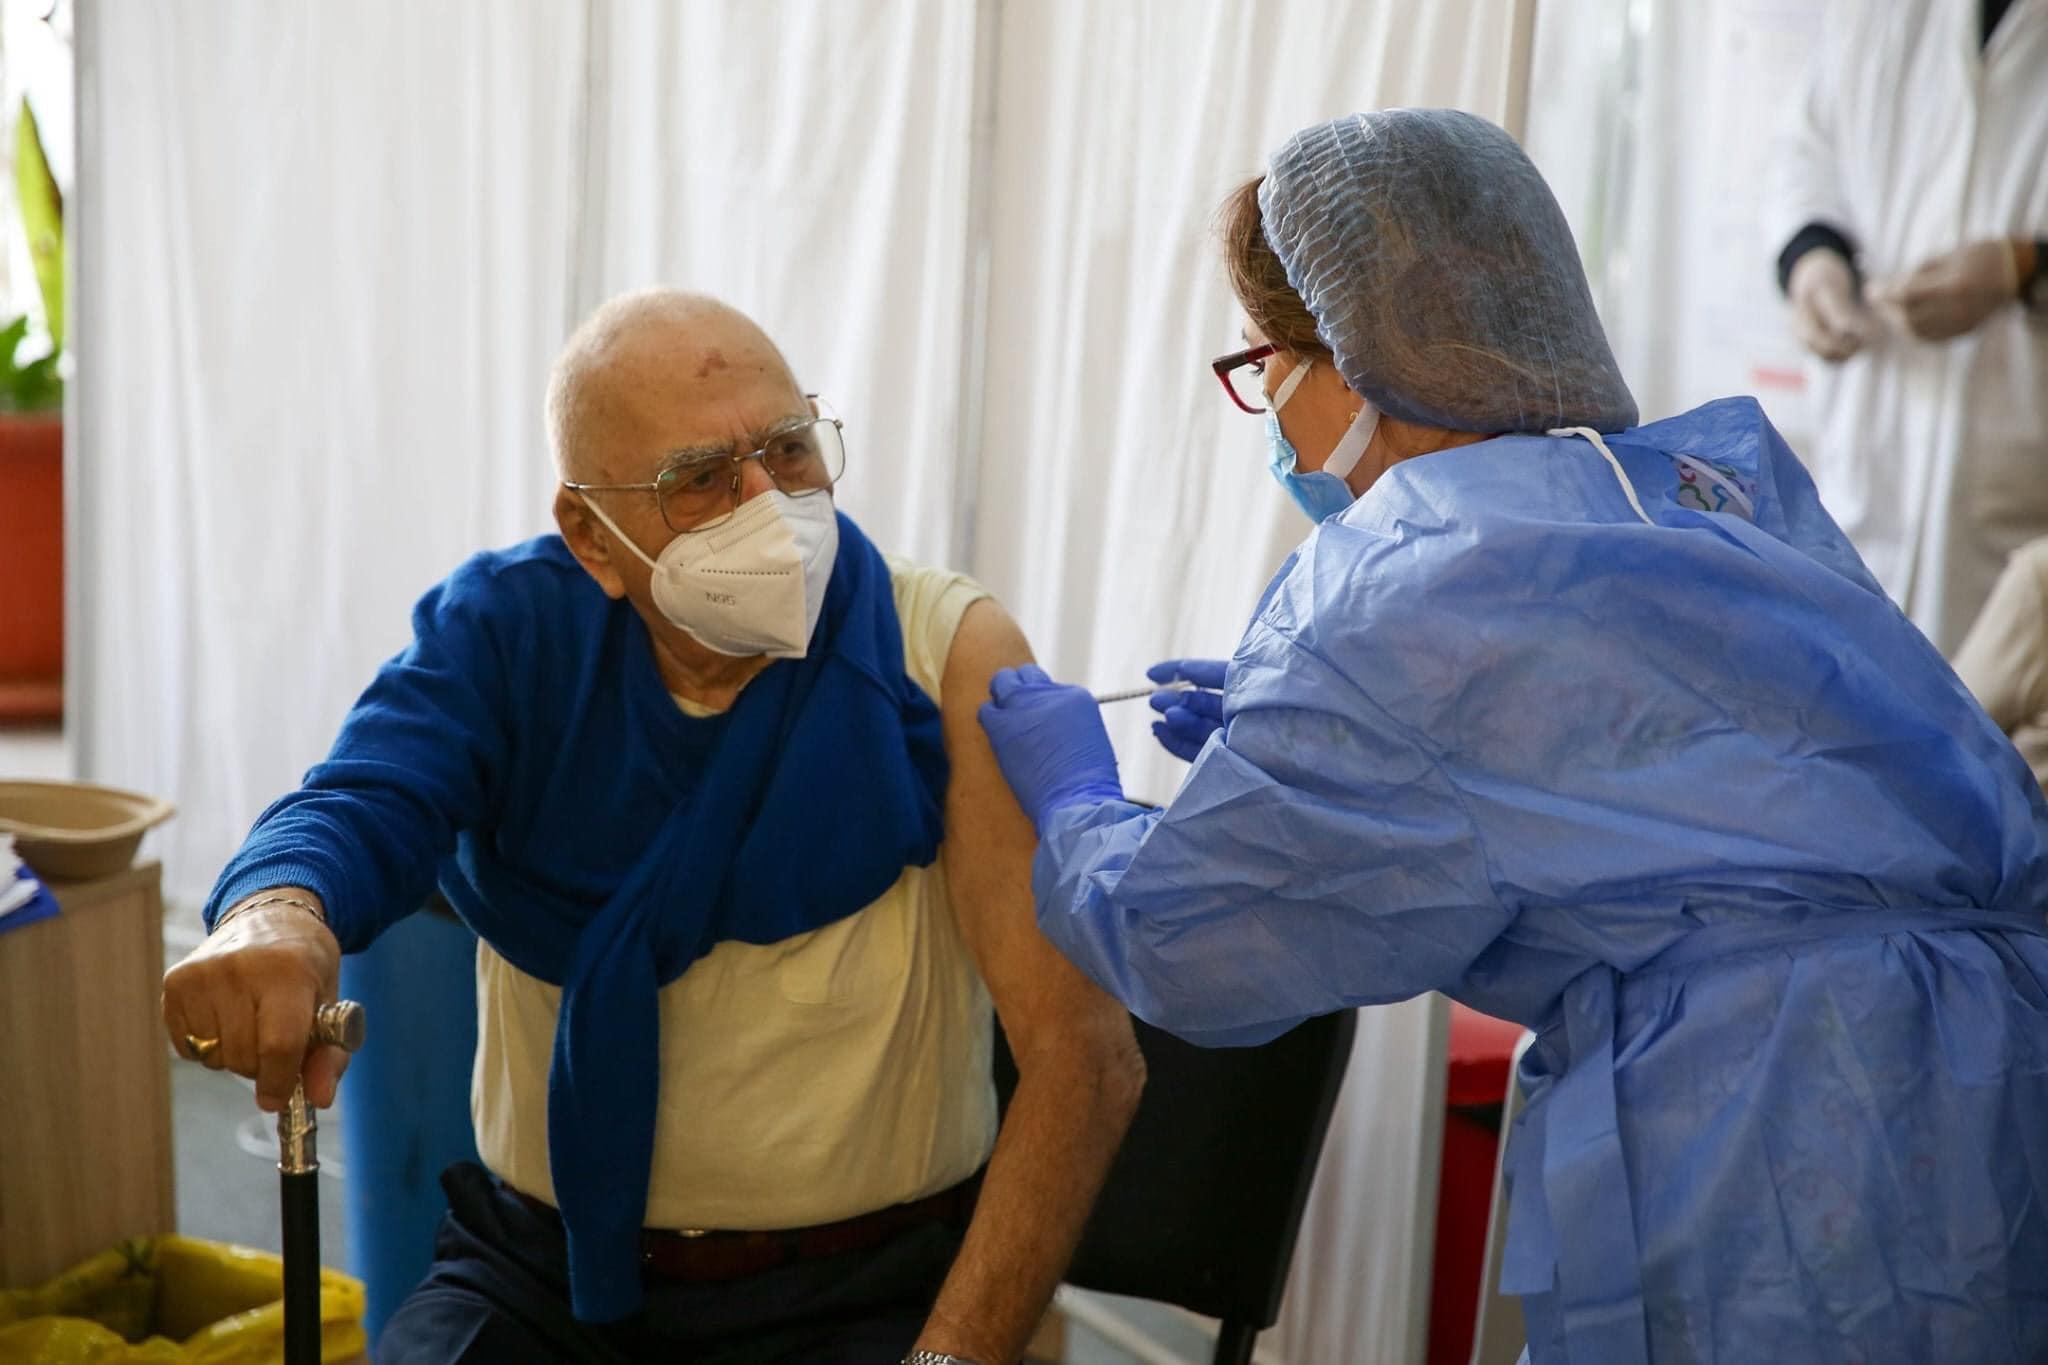 Studiu: vârstnicii prezintă niveluri similare de anticorpi după inocularea cu prima doză a vaccinurilor AstraZeneca şi Pfizer